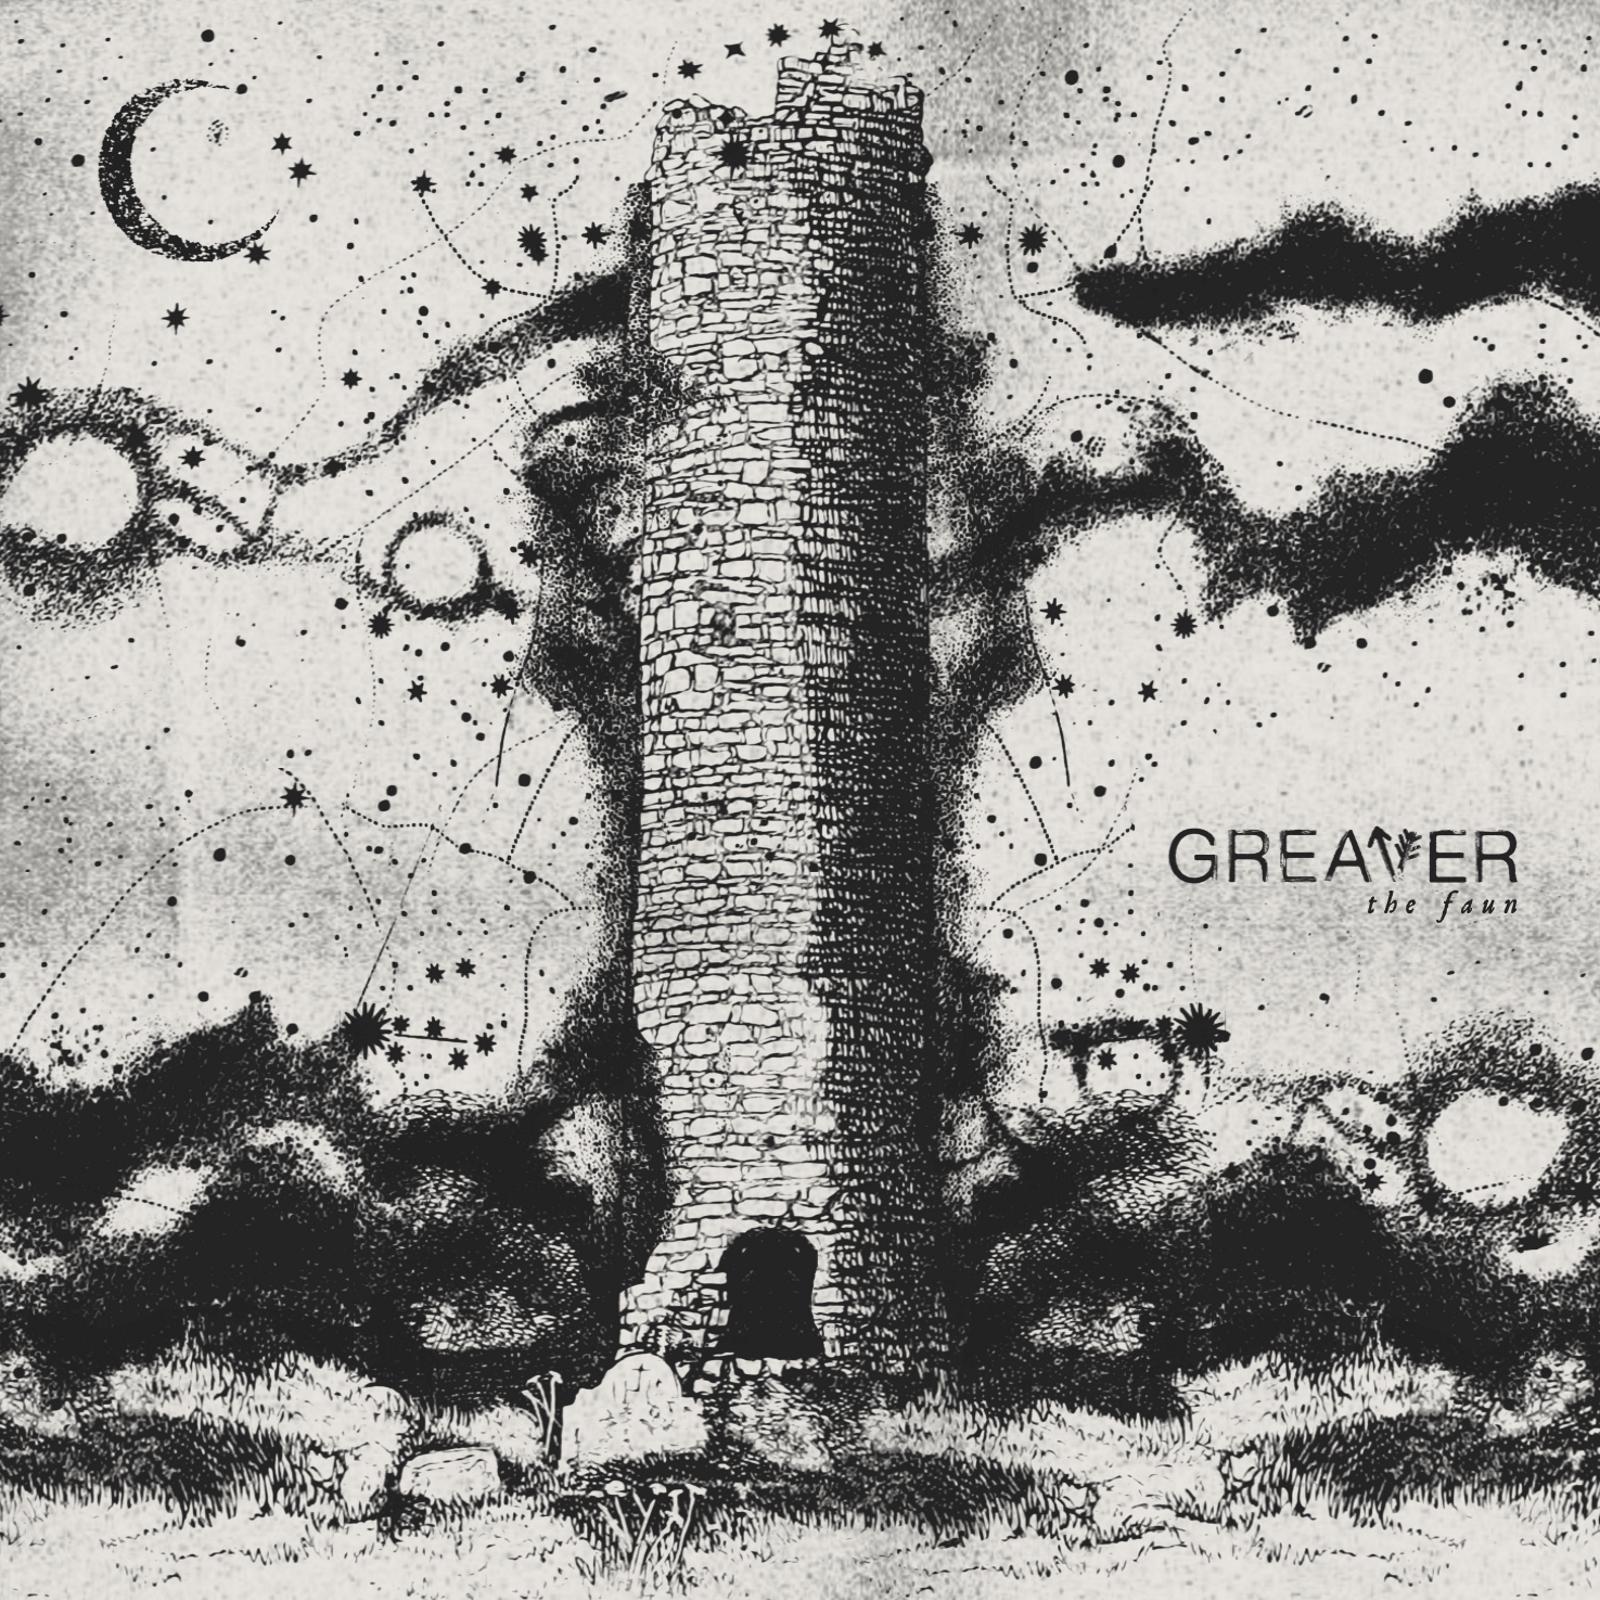 Greaver - 'The Faun'